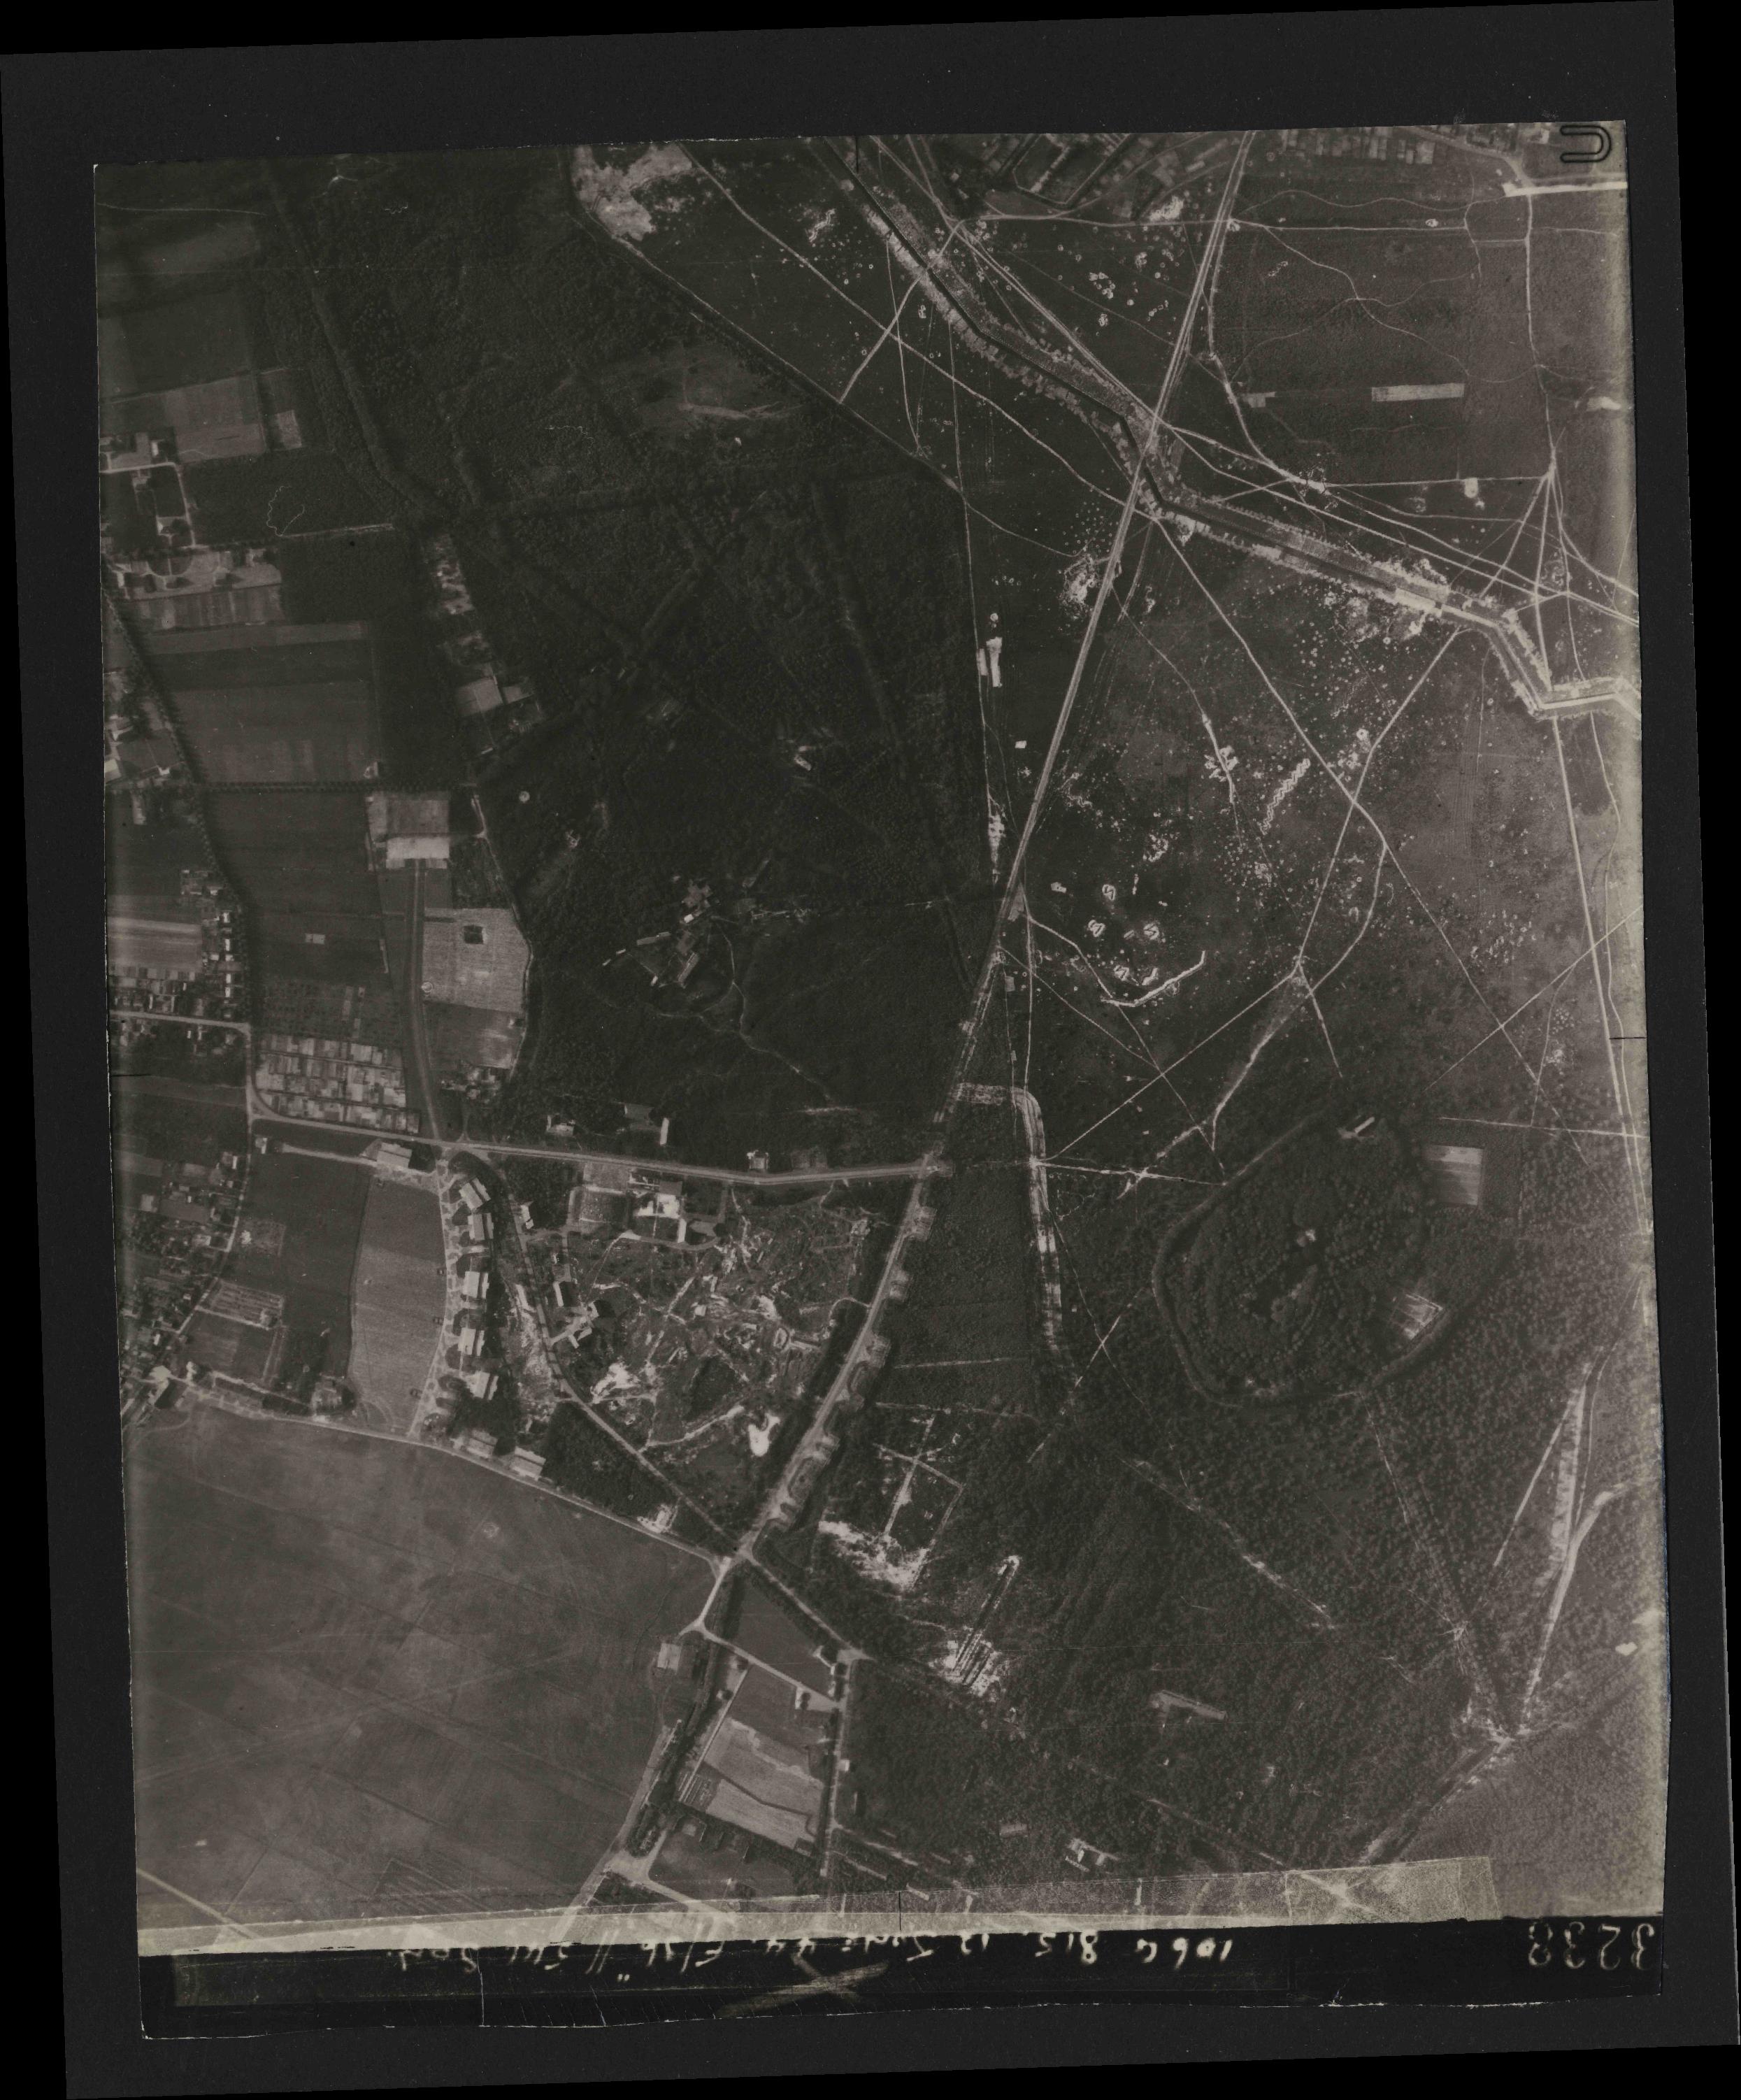 Collection RAF aerial photos 1940-1945 - flight 175, run 06, photo 3238